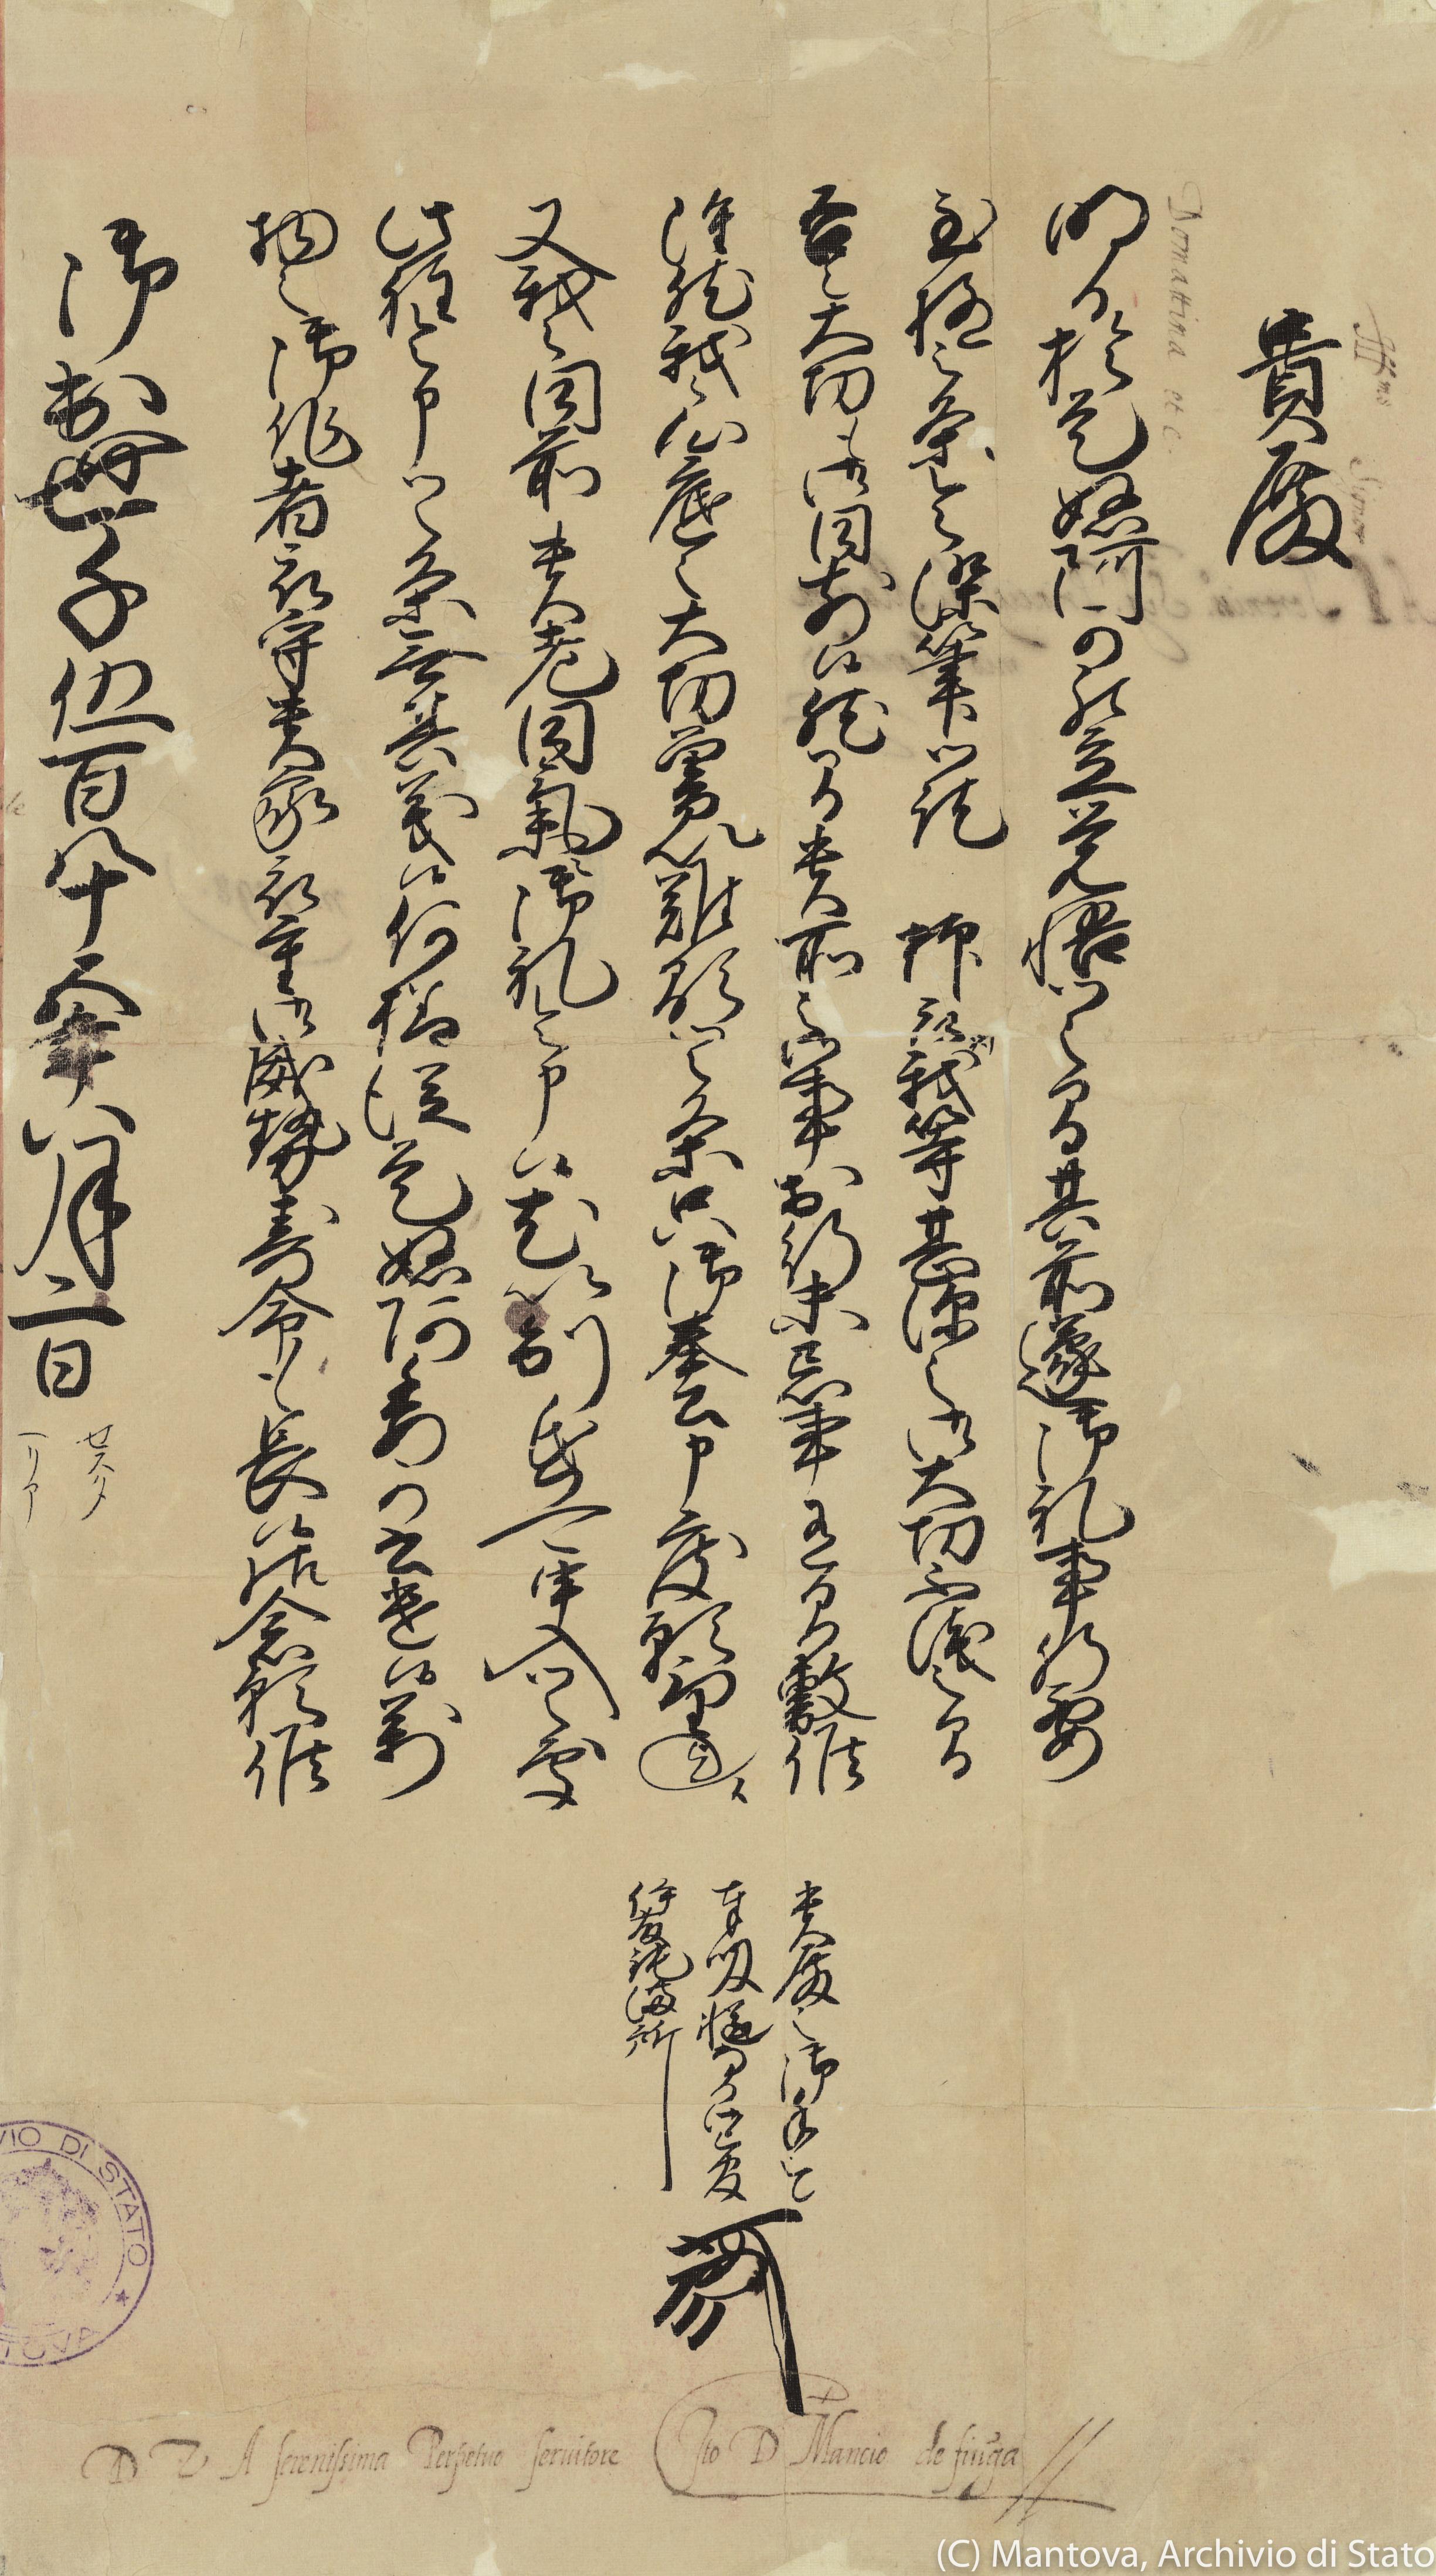 《伊東マンショからグリエルモ・ゴンザーガにあてた手紙》(マントヴァ国立公文書館、ゴンザーガ家文書庫)